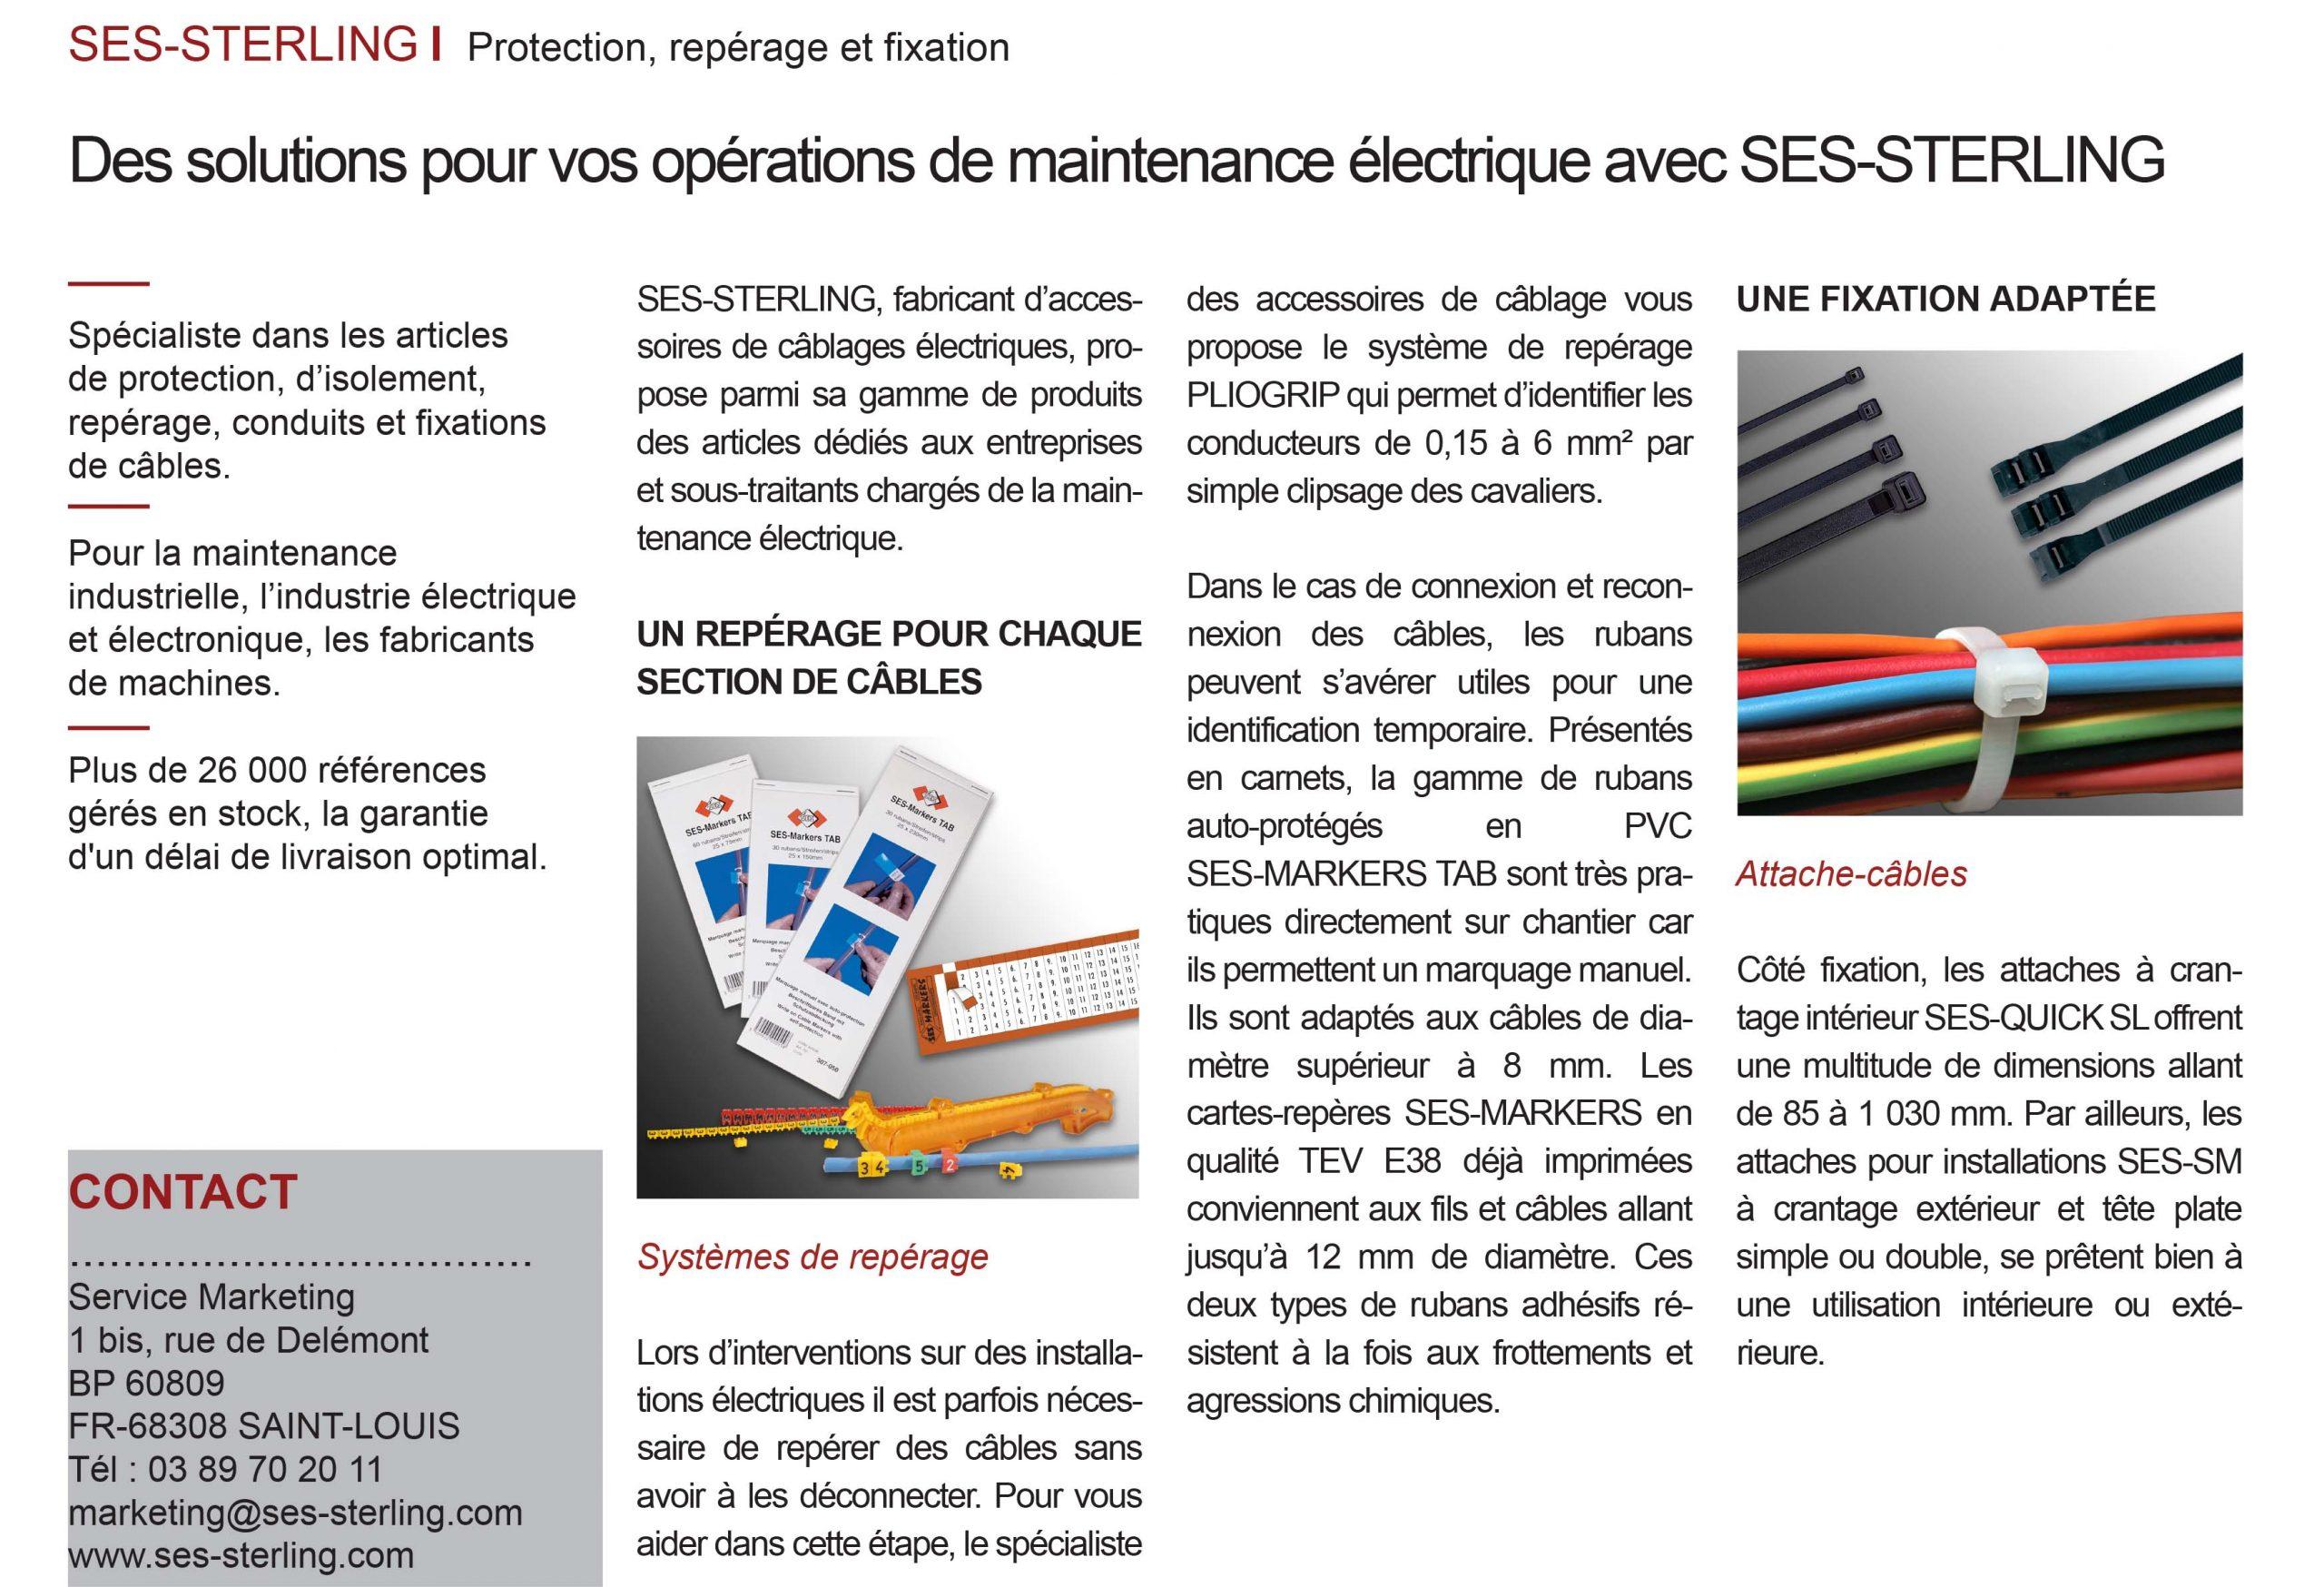 L'usine nouvelle - Juin 2019 : Des solutions de maintenance avec SES-STERLING